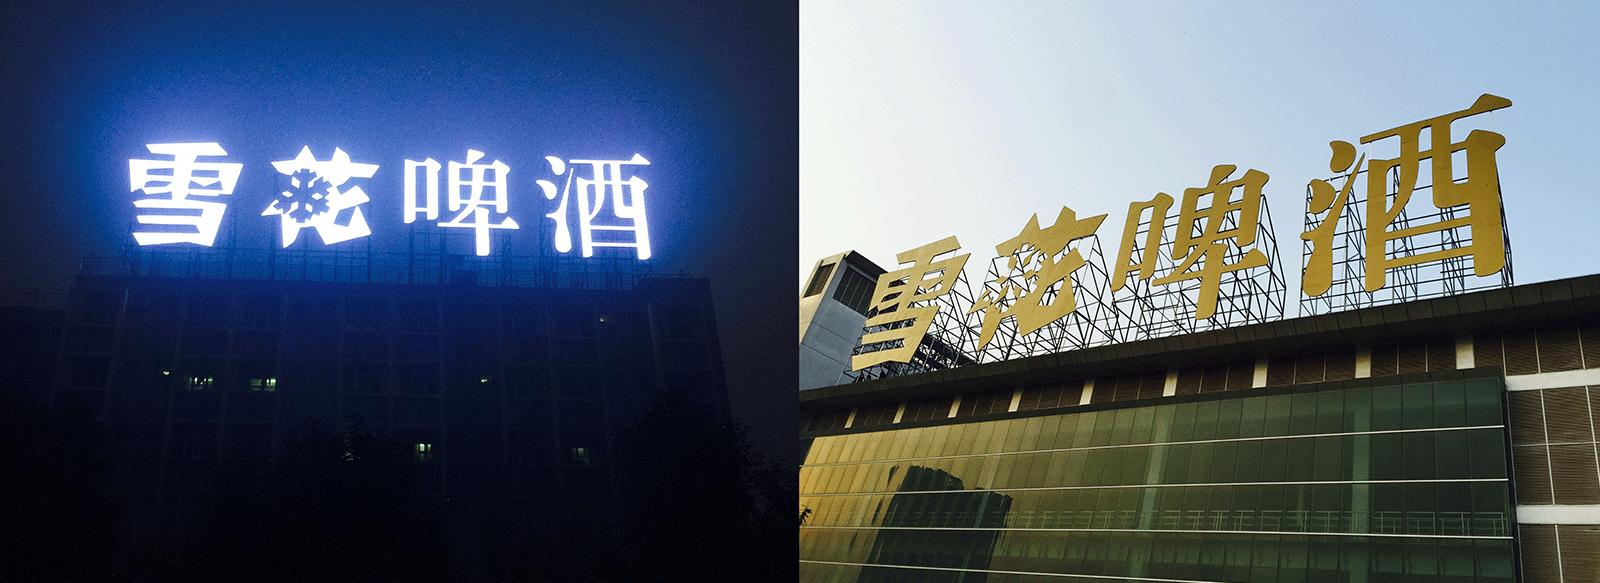 四种发光字体中,各自的特点和区别